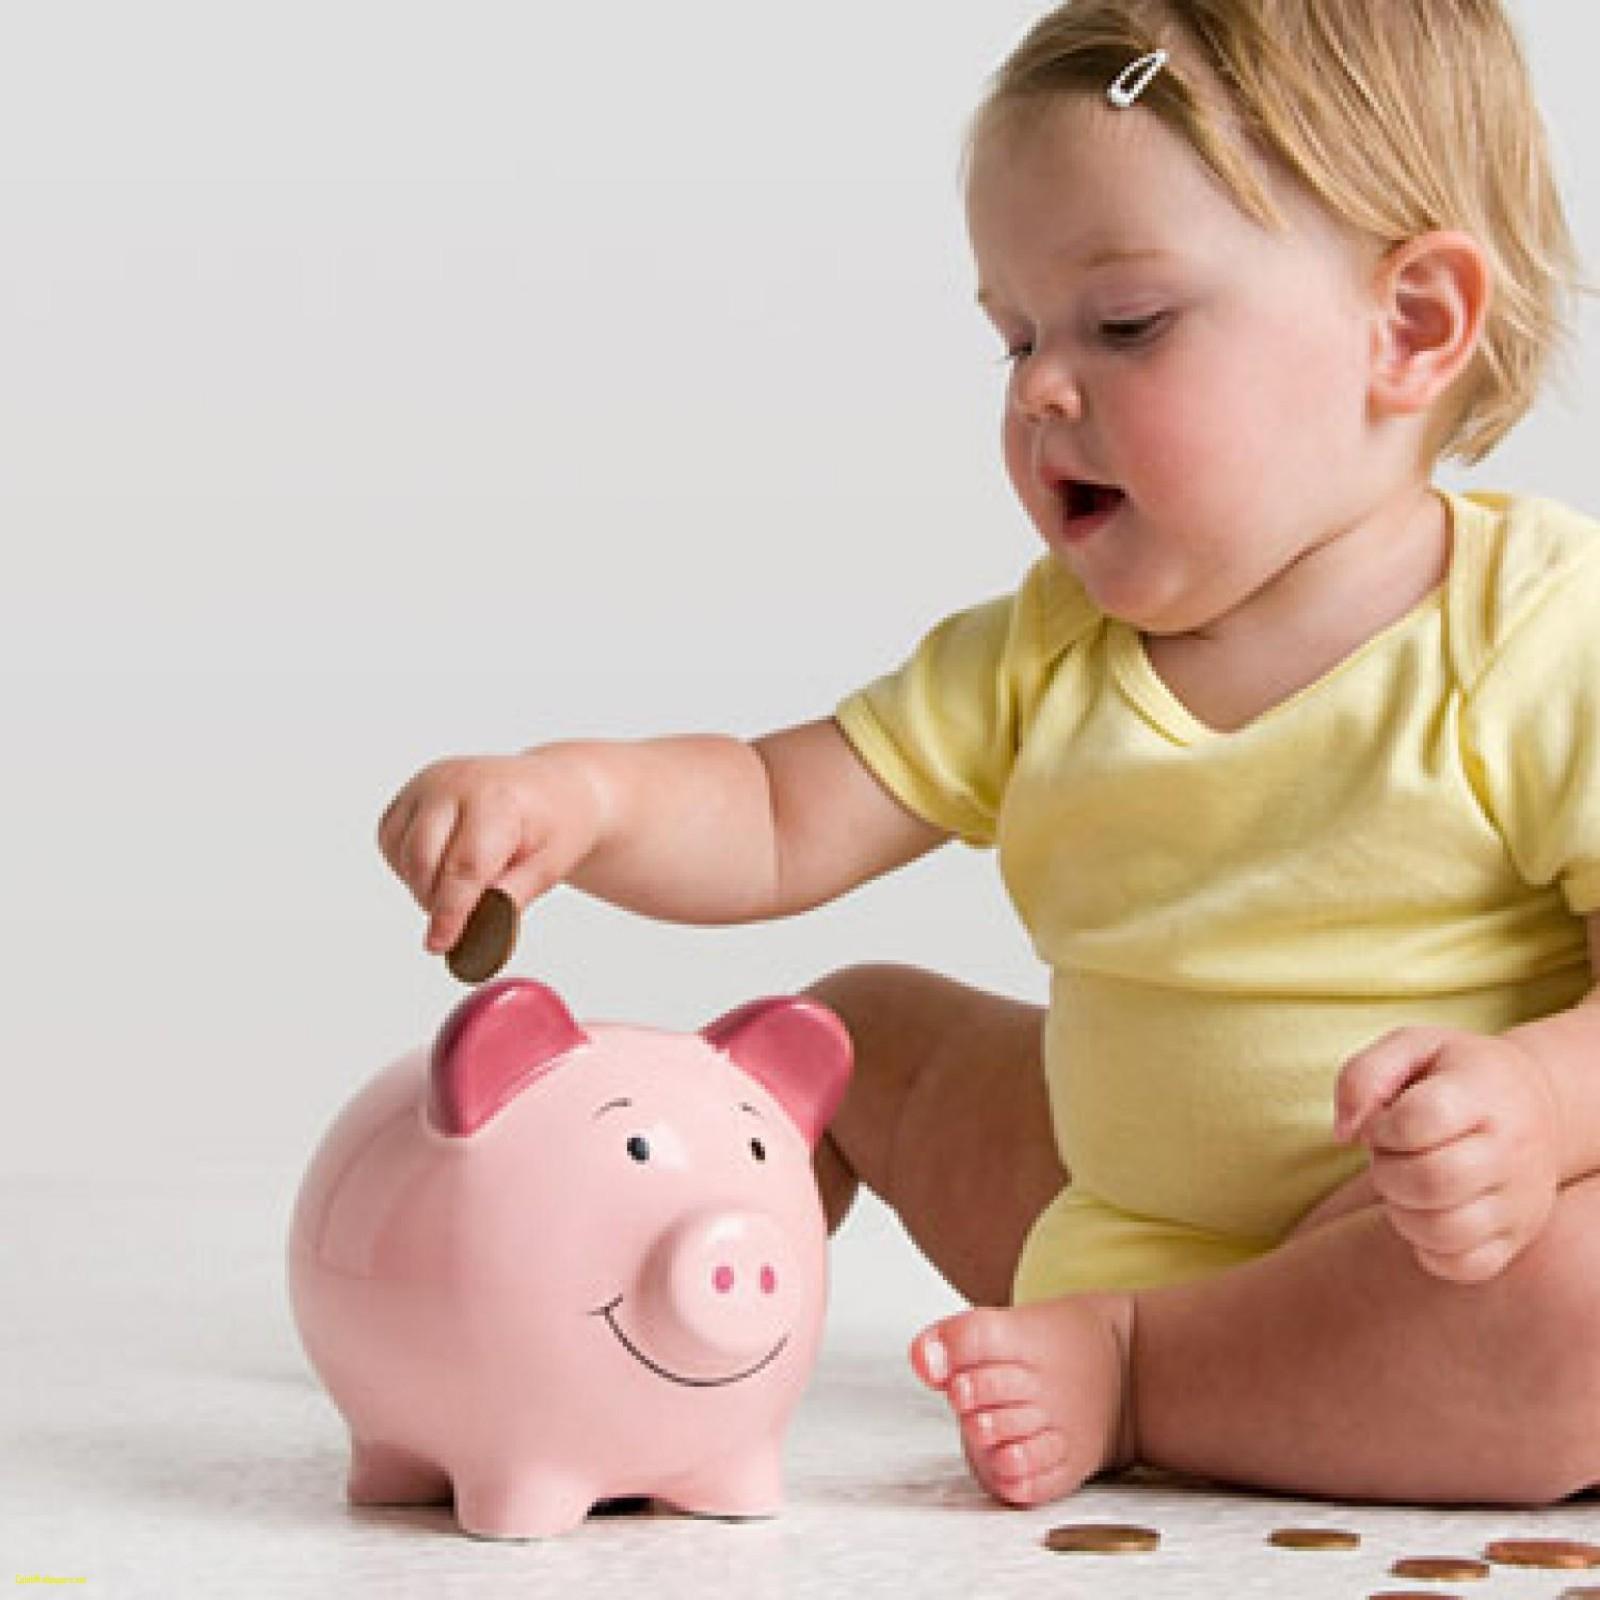 Единовременная выплата за рождение ребенка: основные рекомендации по получению